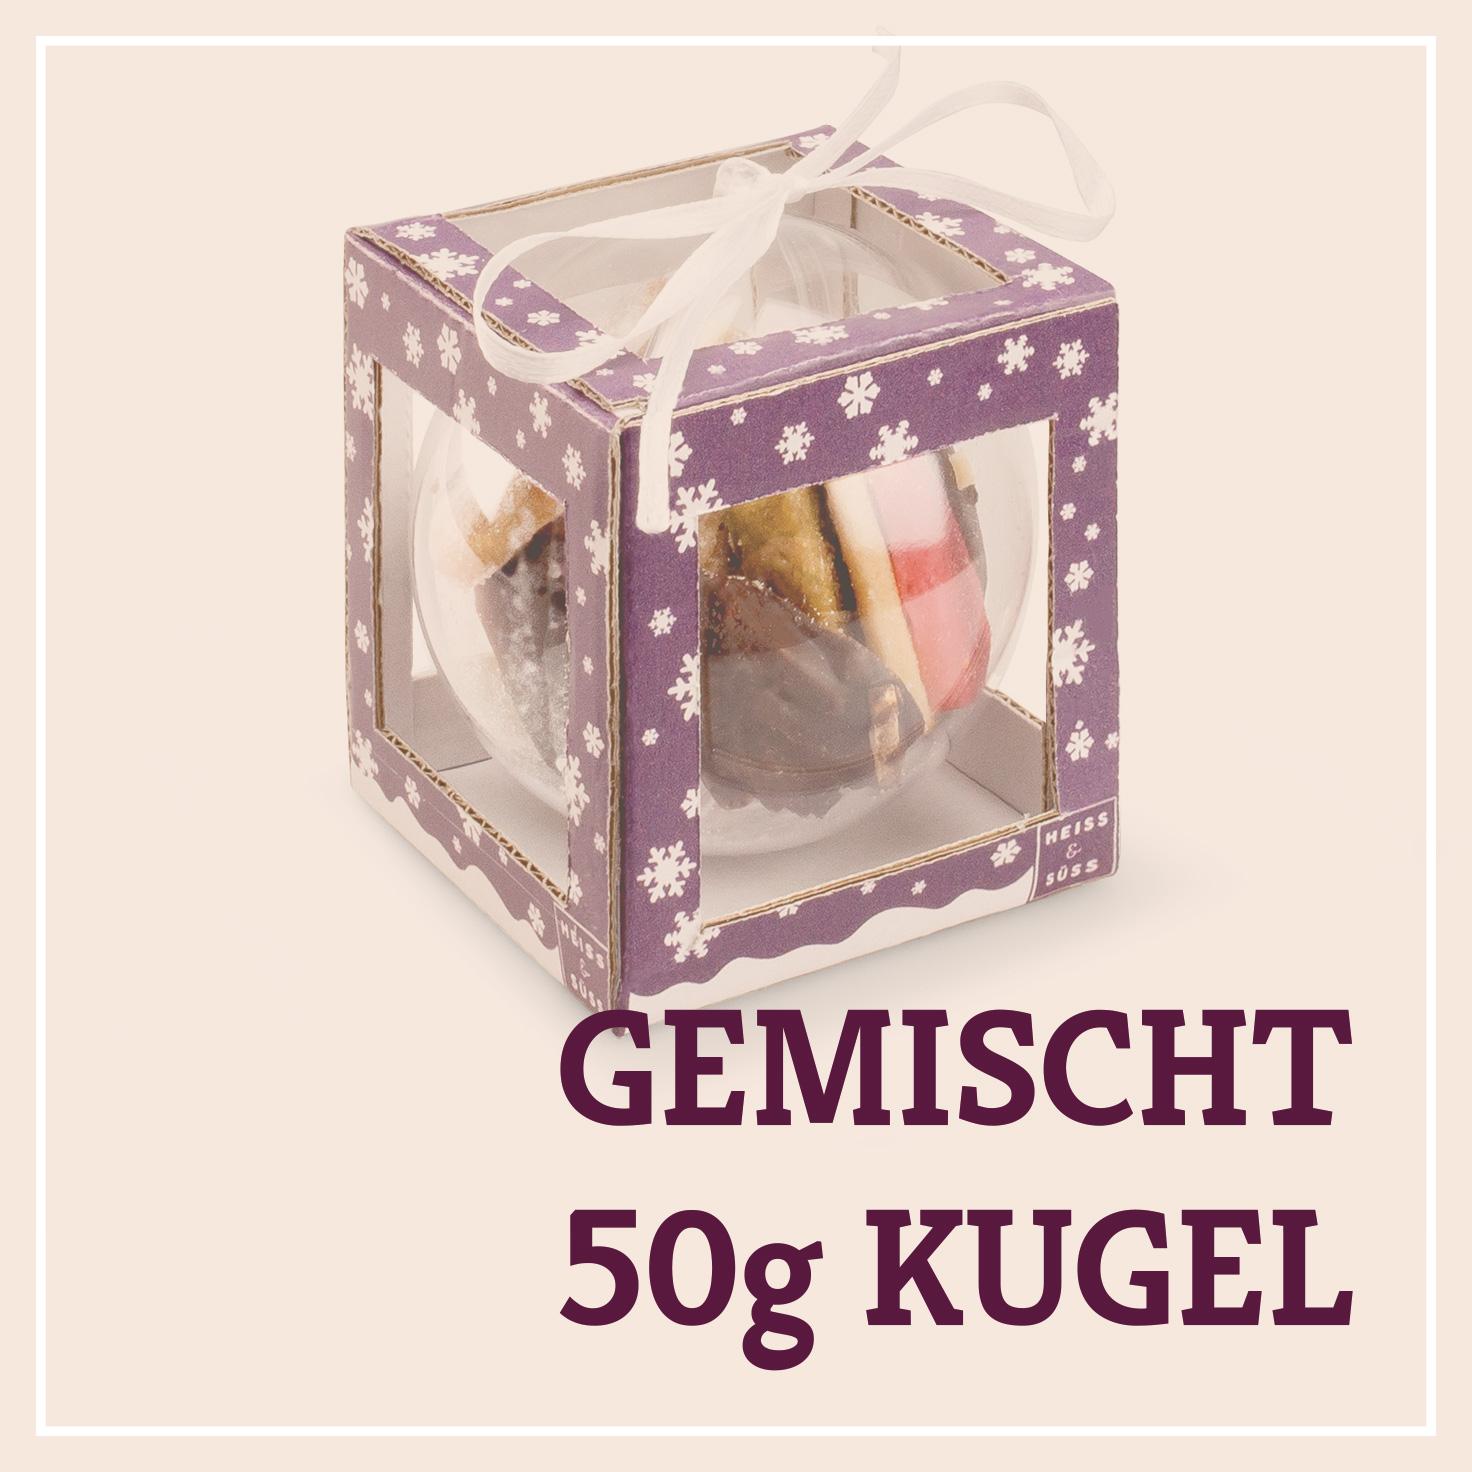 Heiss & Süß - Teebäckerei Kugel 50g